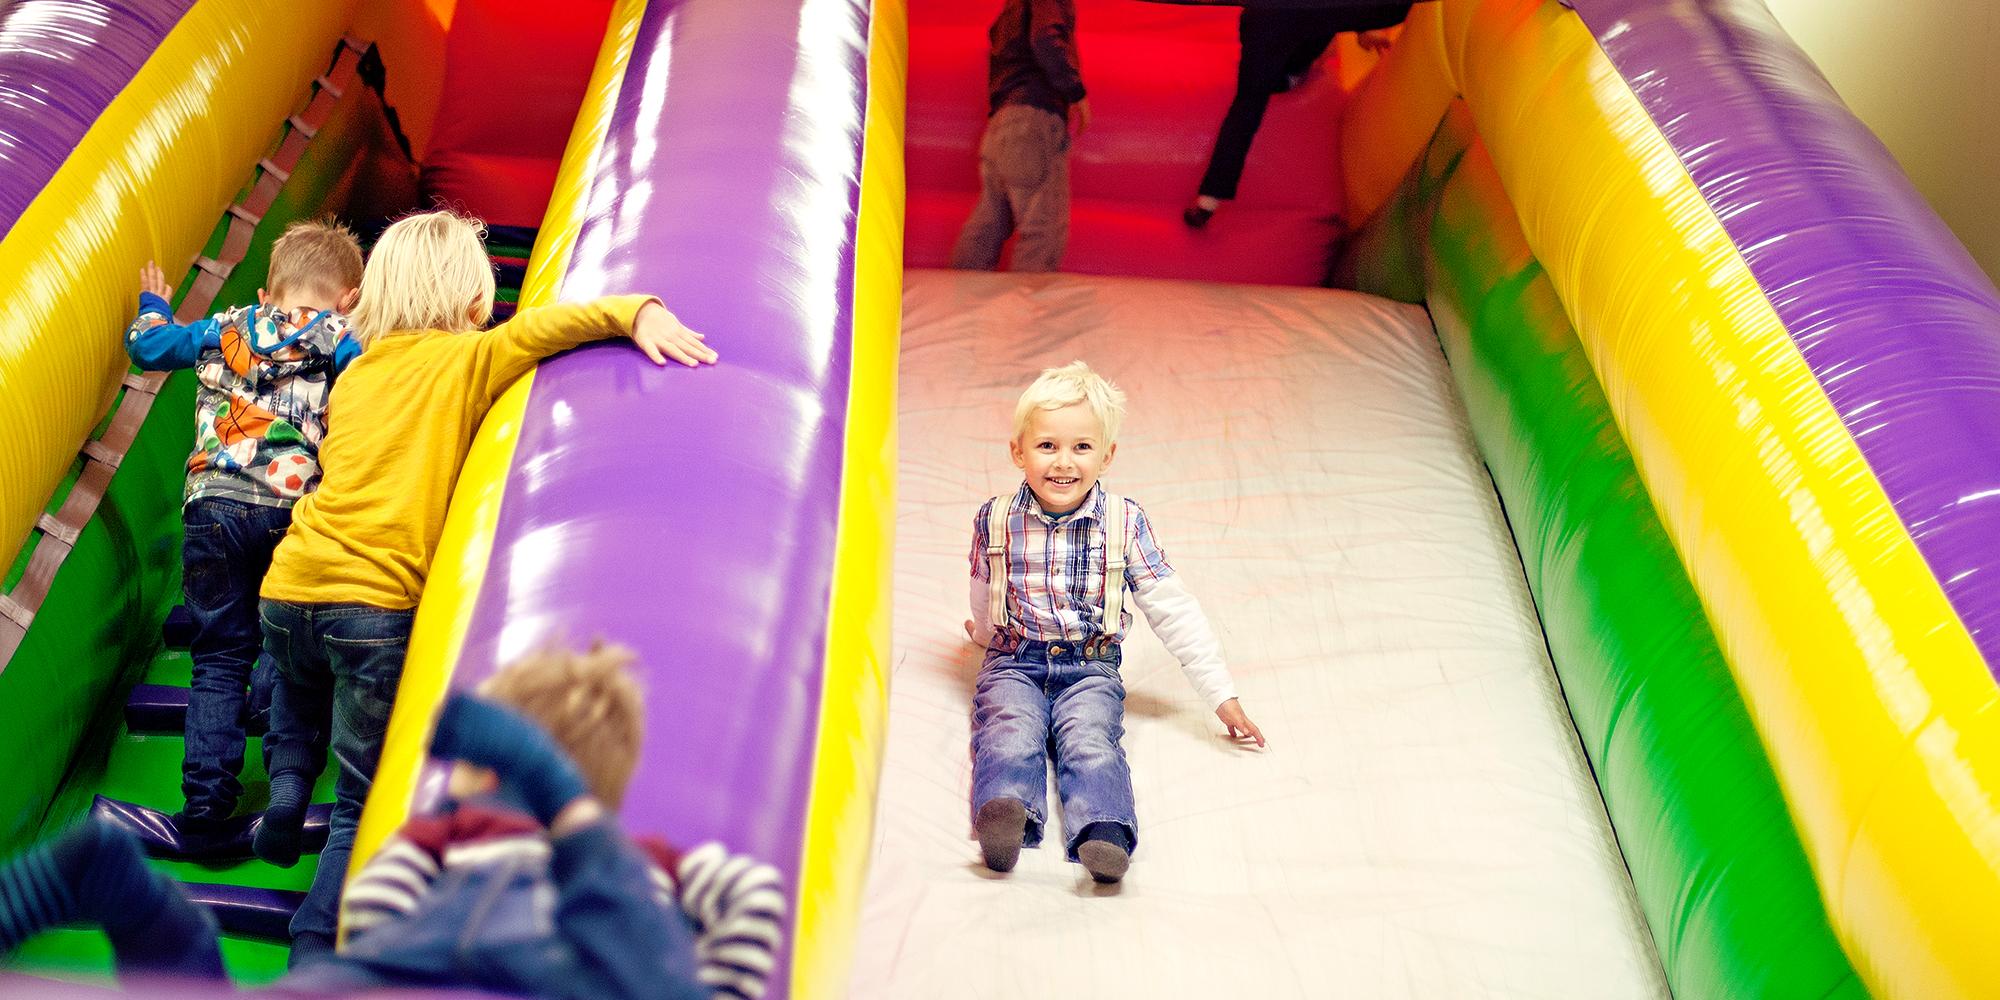 Lykkeland a play centre in Steinkjer - girl going down the slide. Copyright: Lykkeland